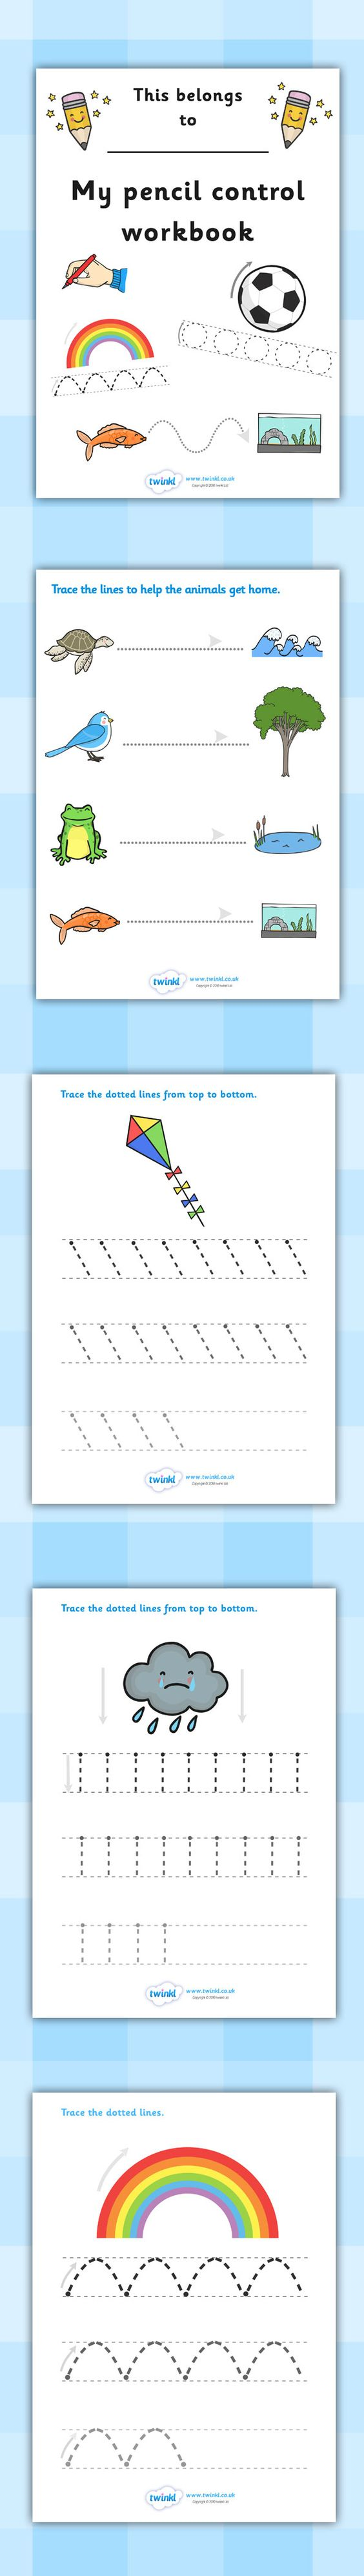 Twinkl Resources >> Line Handwriting Worksheets >> Printable ...